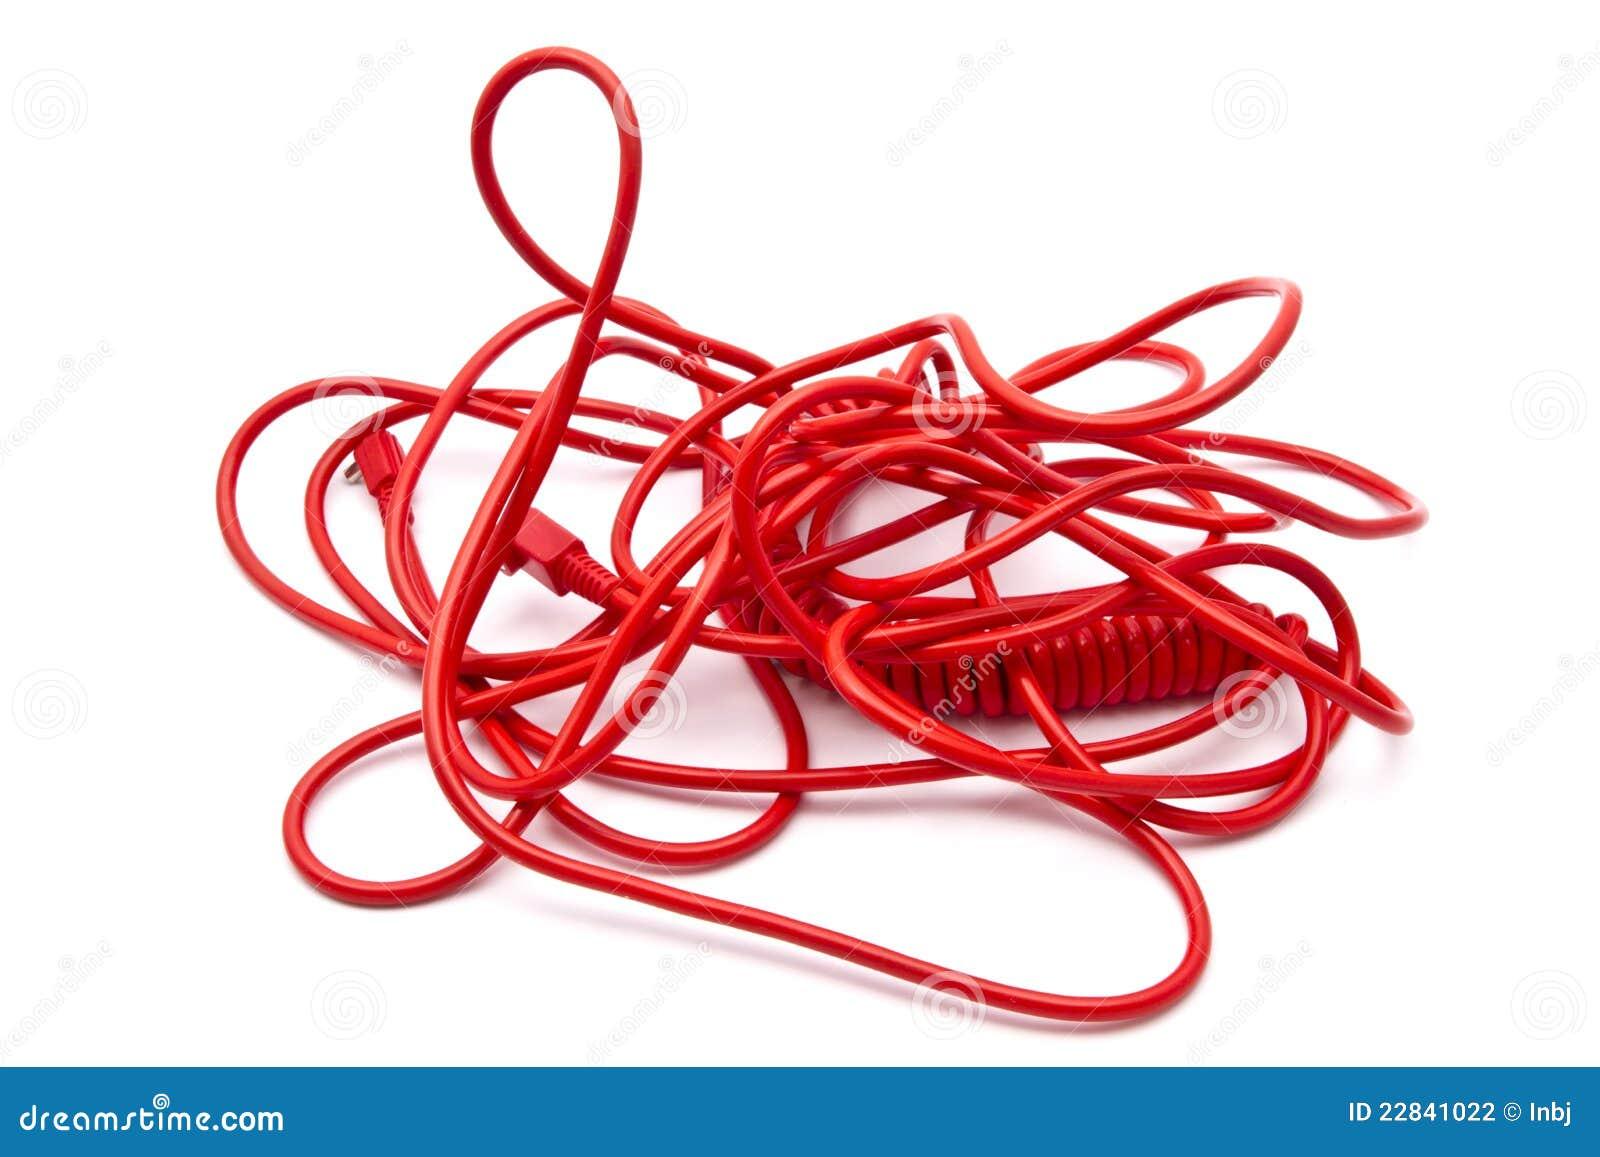 Ungewöhnlich Roter Markenzaun Draht Fotos - Elektrische Schaltplan ...